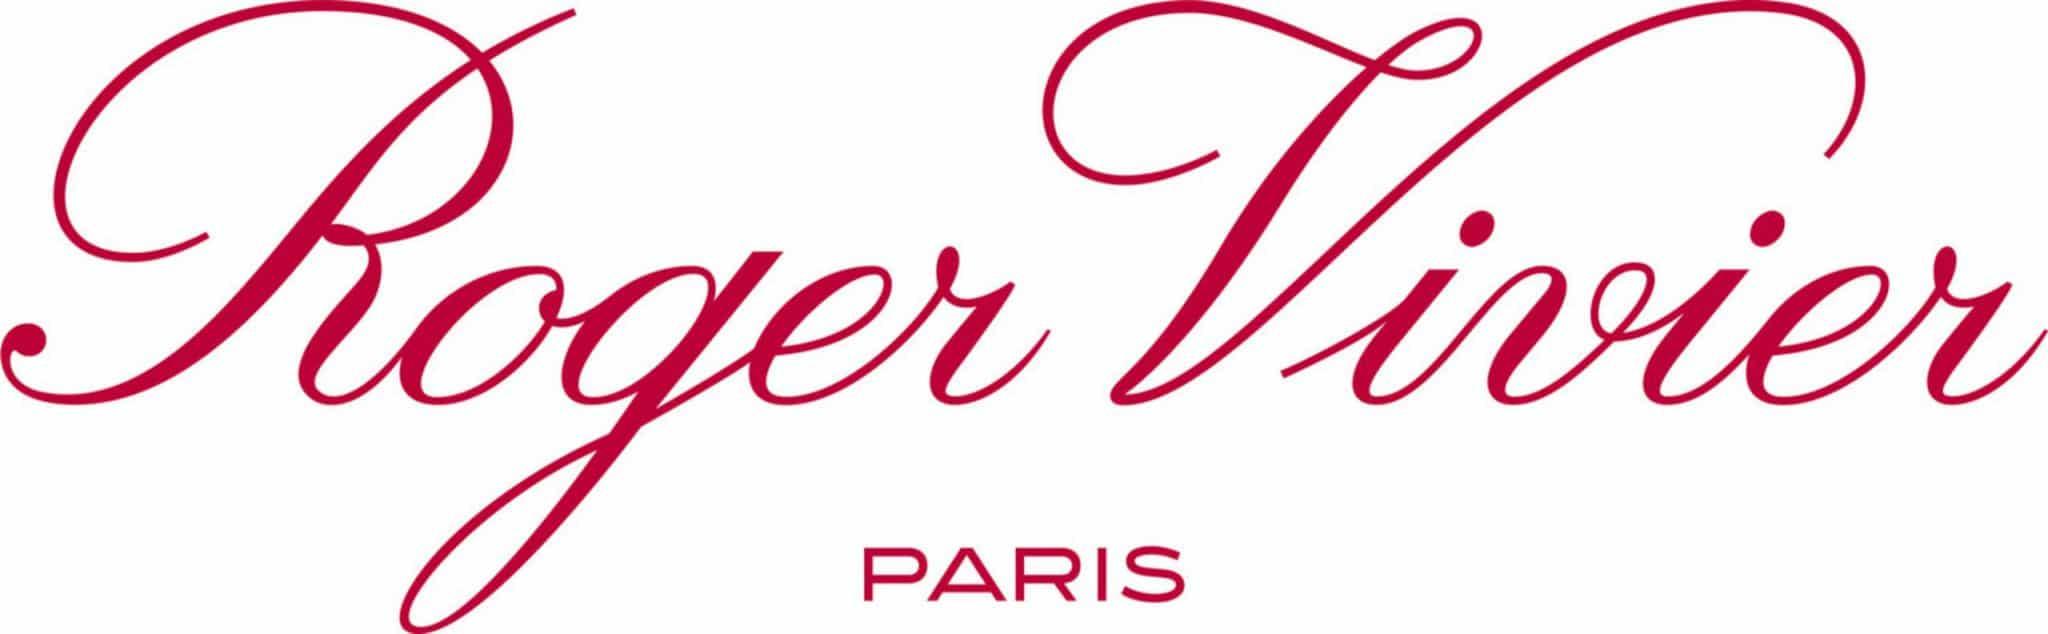 Roger Vivier 1